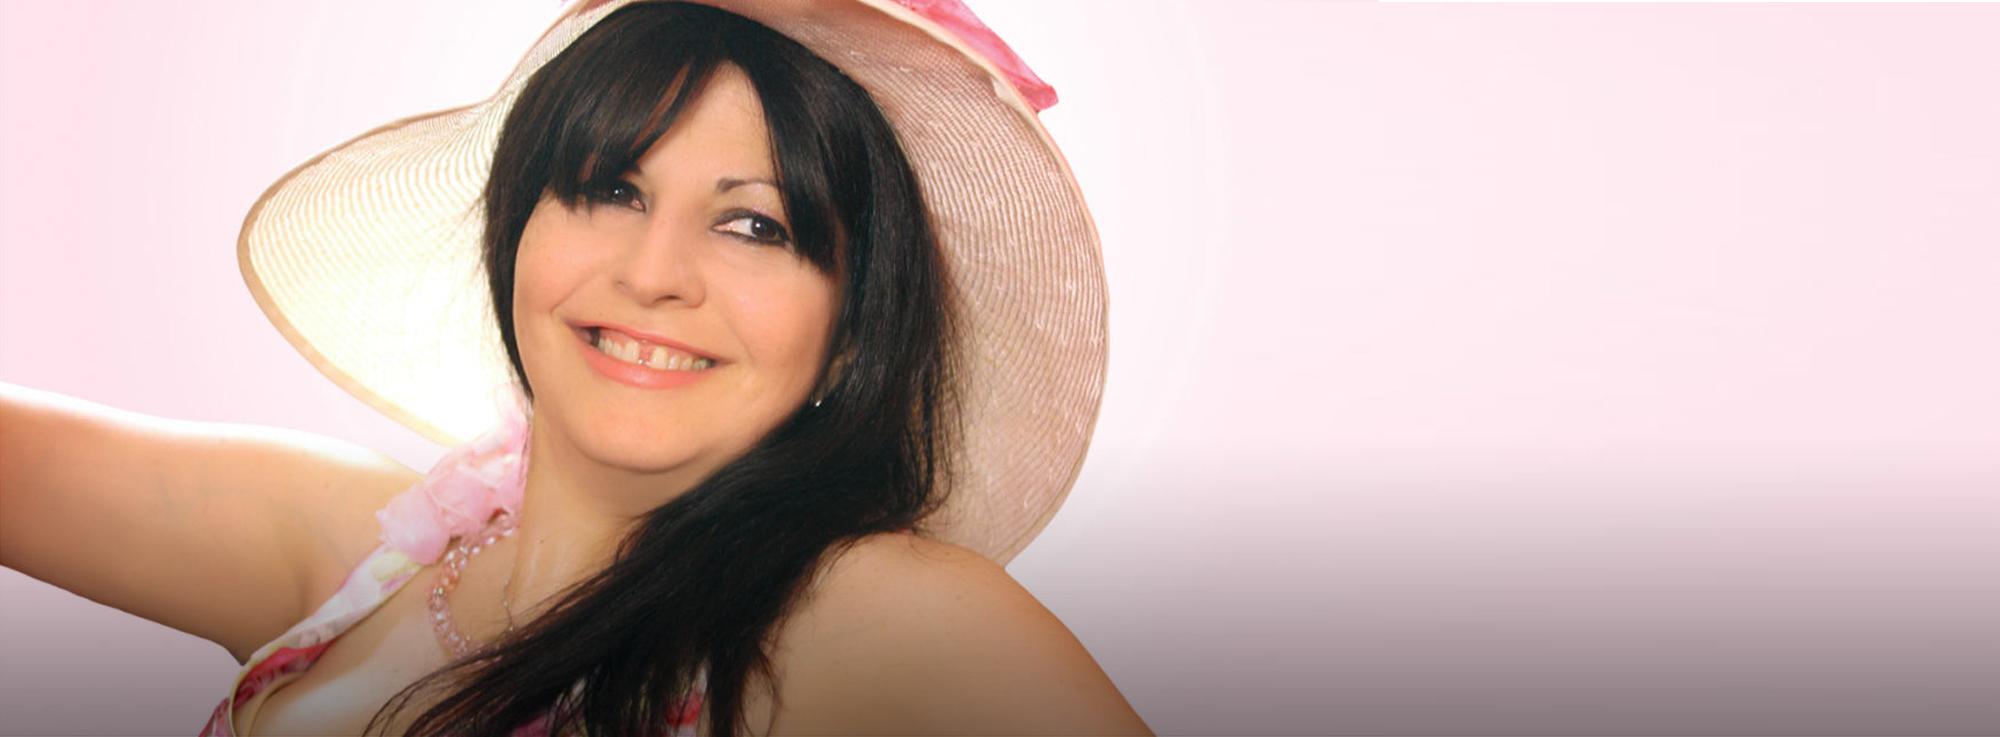 Barletta: Metti una sera Sconsy